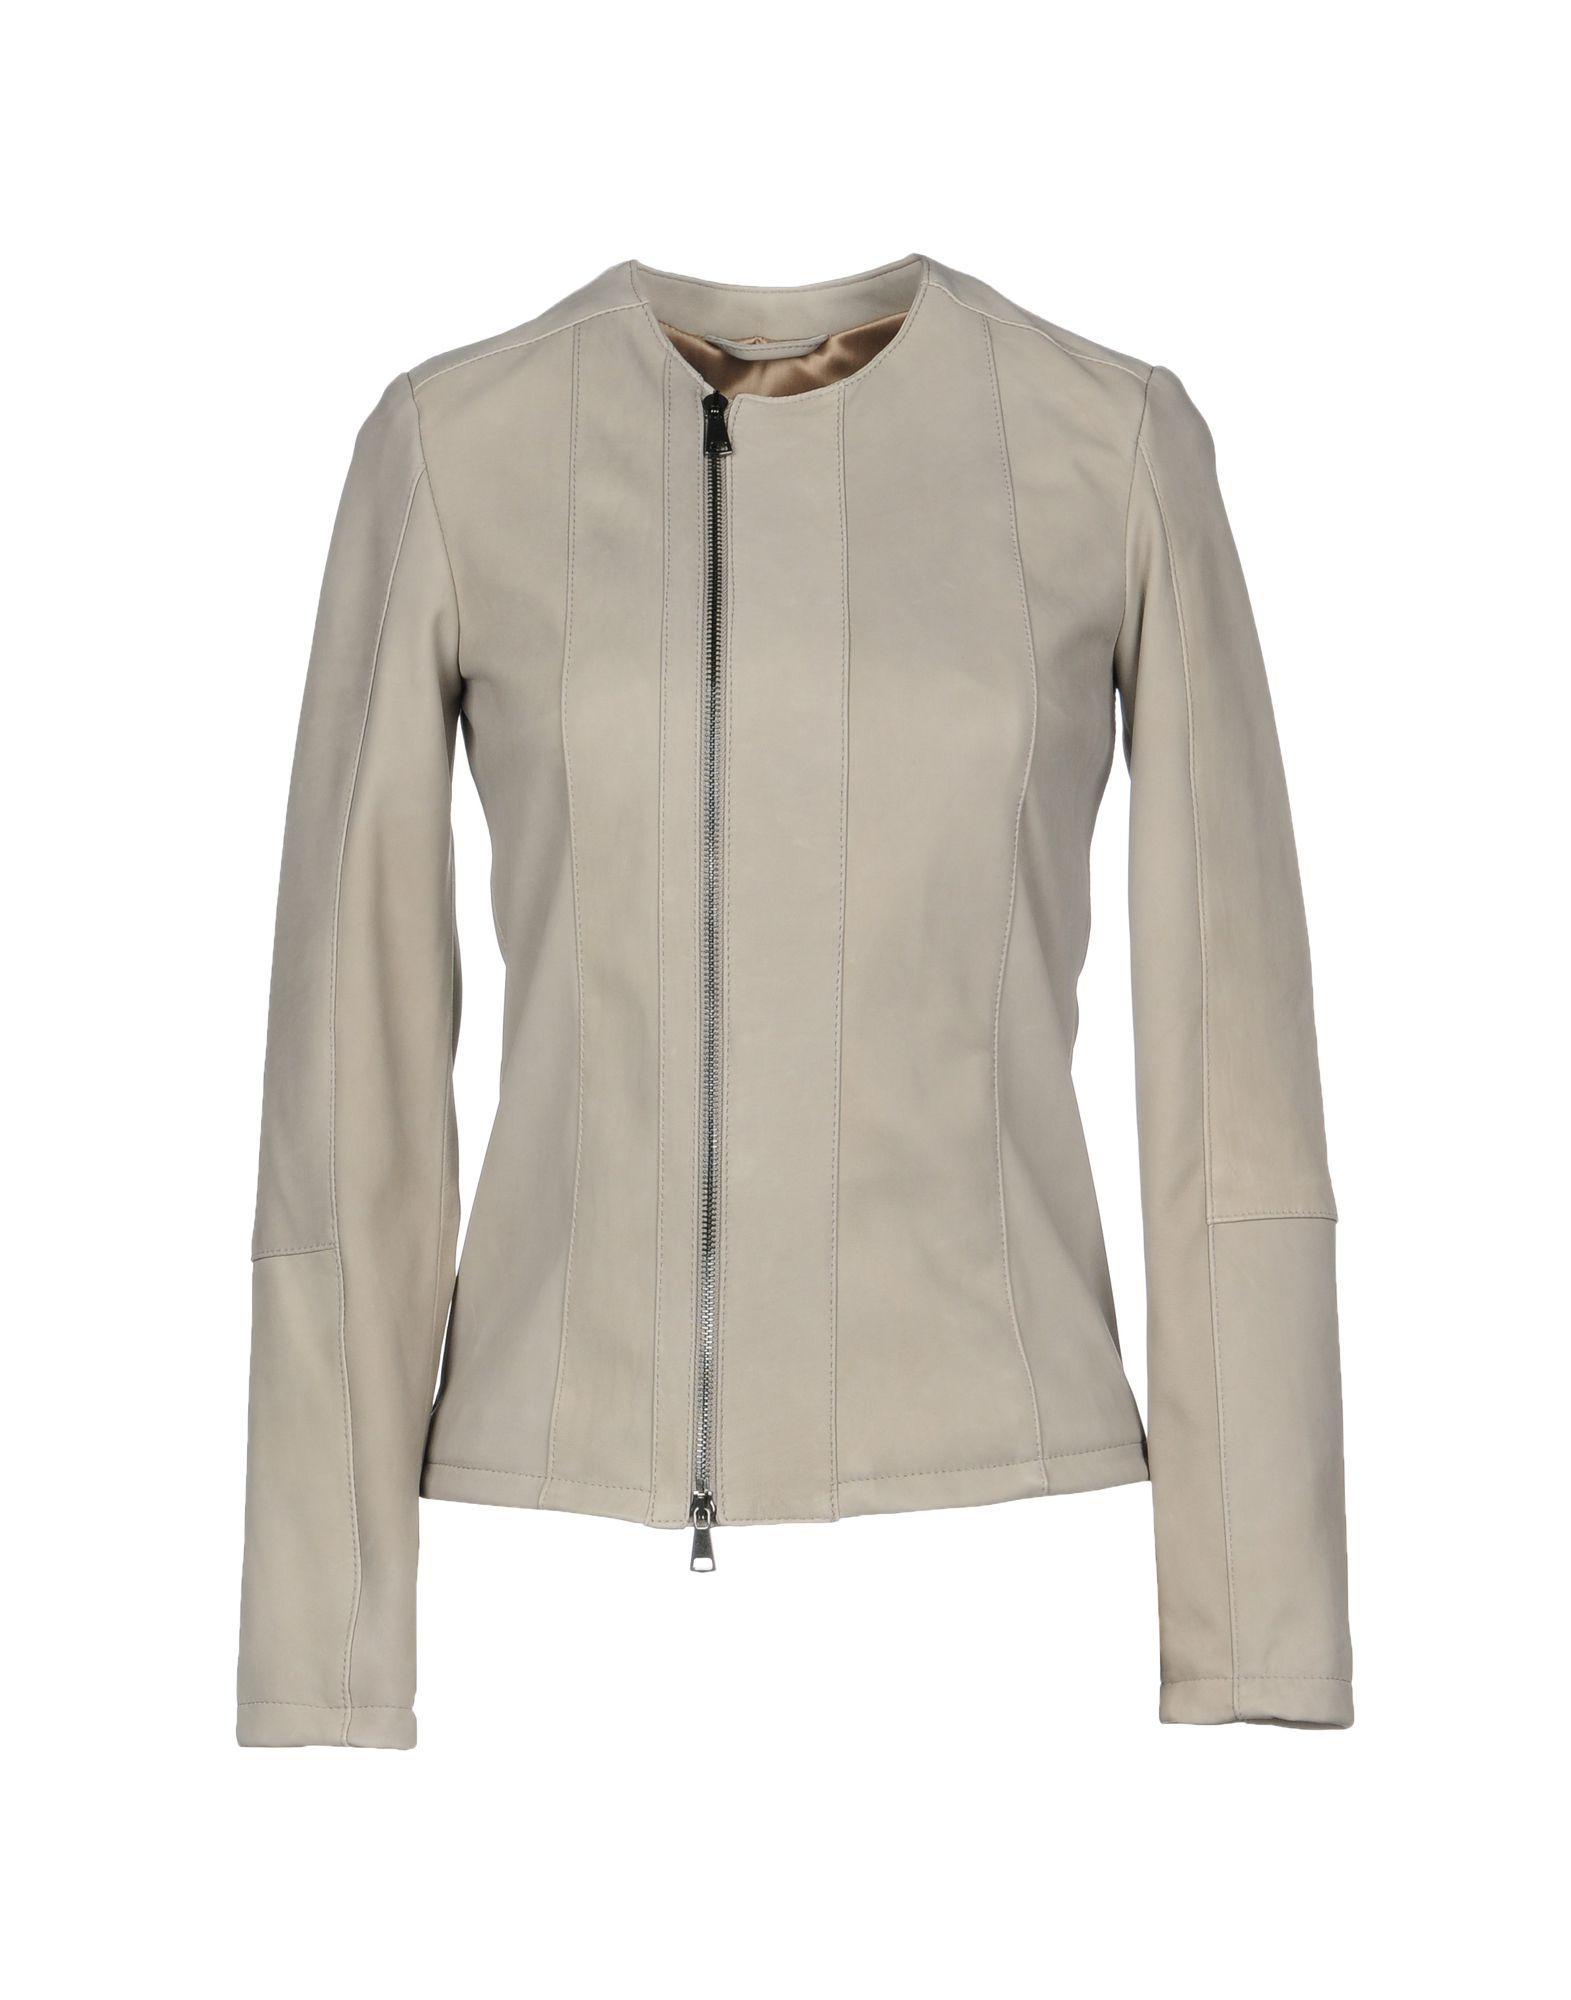 COATS & JACKETS Vintage De Luxe Dove grey Woman Leather